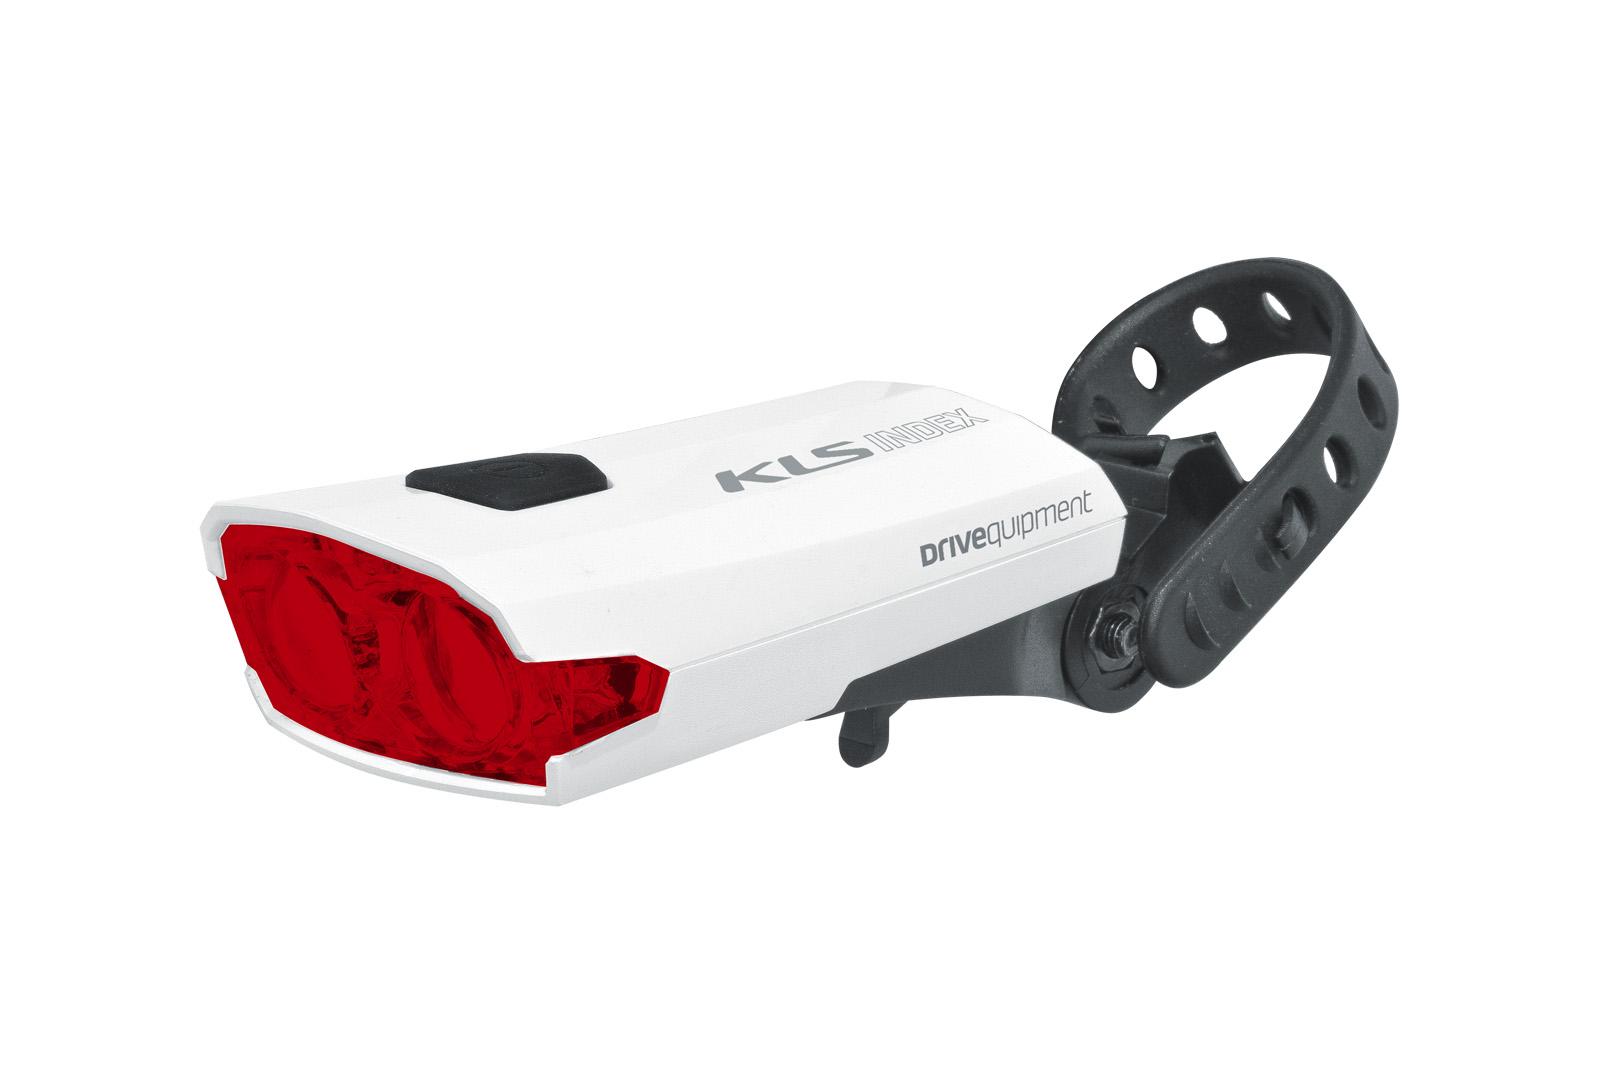 Světlo zadní dobíjecí KLS INDEX 016 R, white (zadní světlo KLS INDEX, dobíjecí, barva bílá)